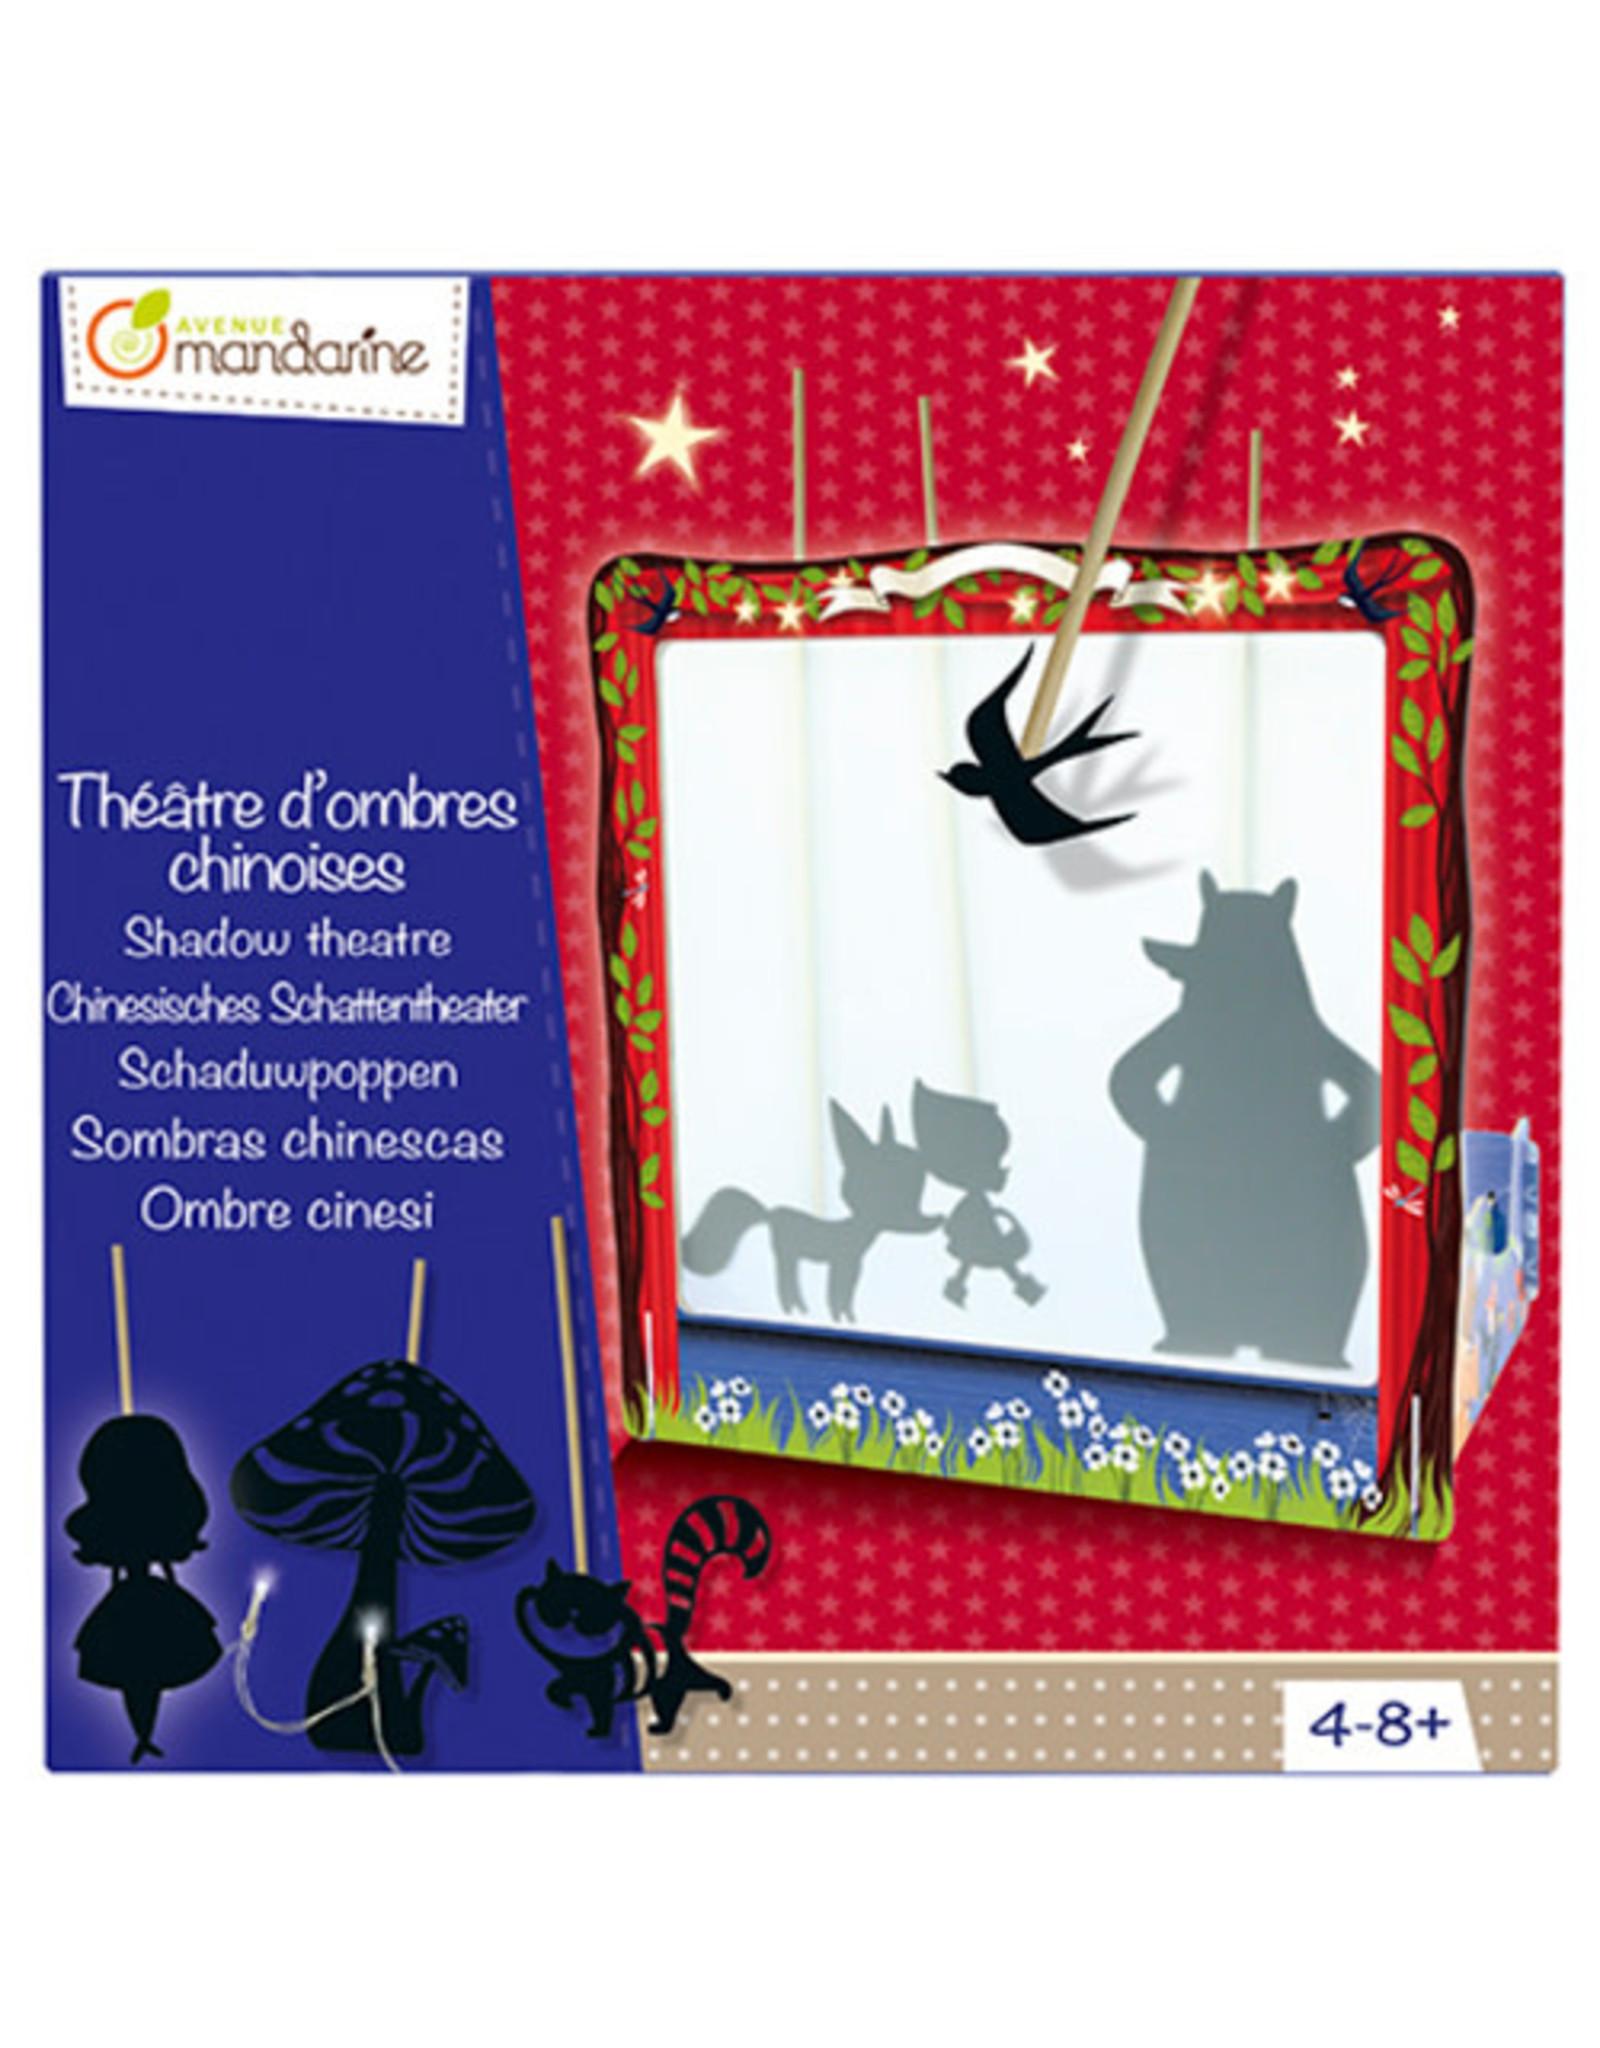 Avenue Mandarine Creatieve box schaduwpoppen theater